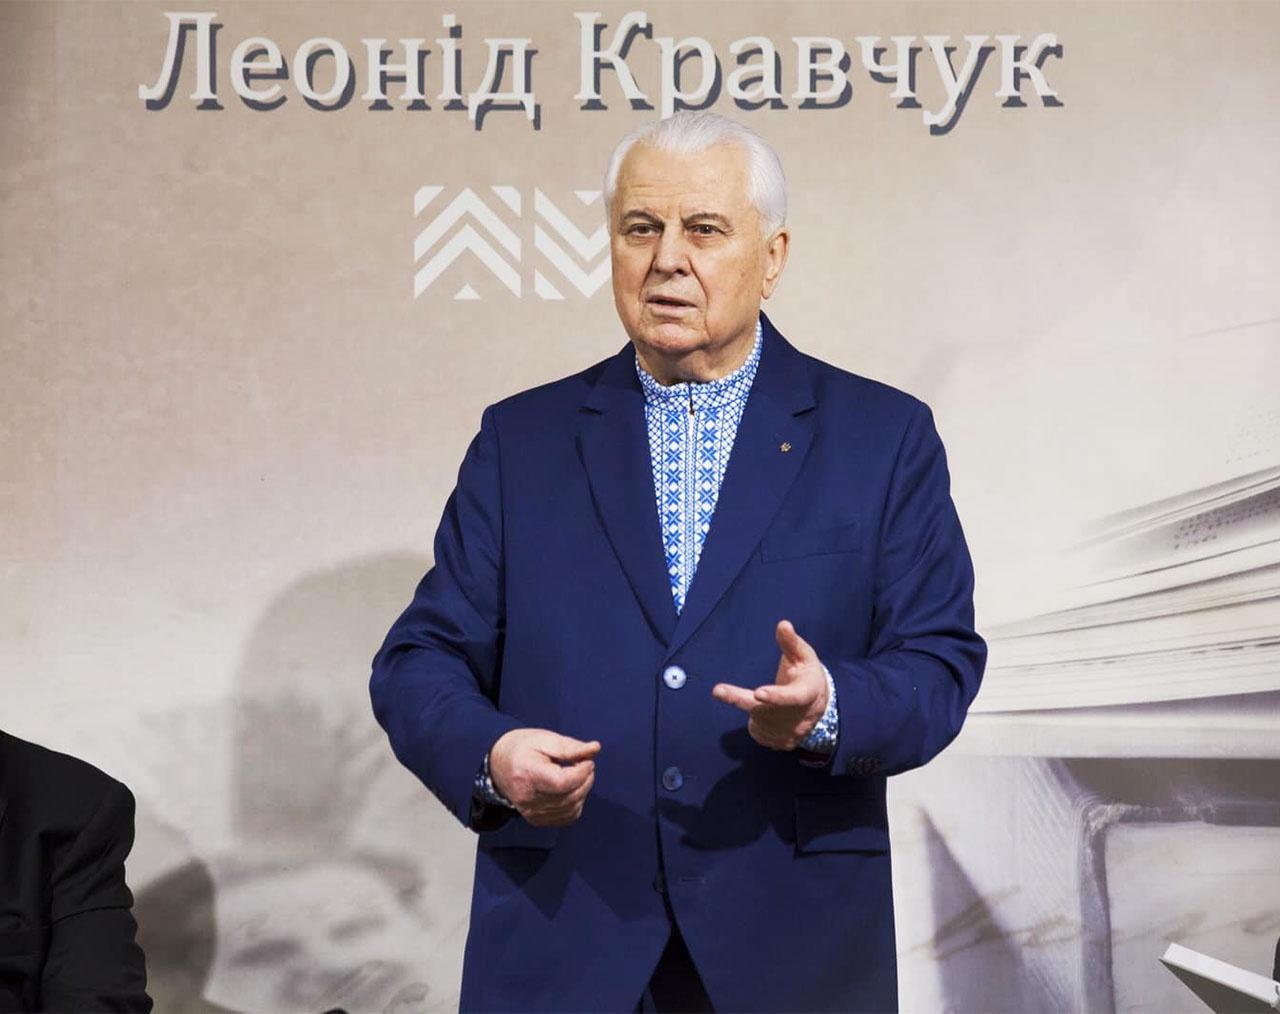 Кравчук - квинтэссенция украинства и украинского президентства.